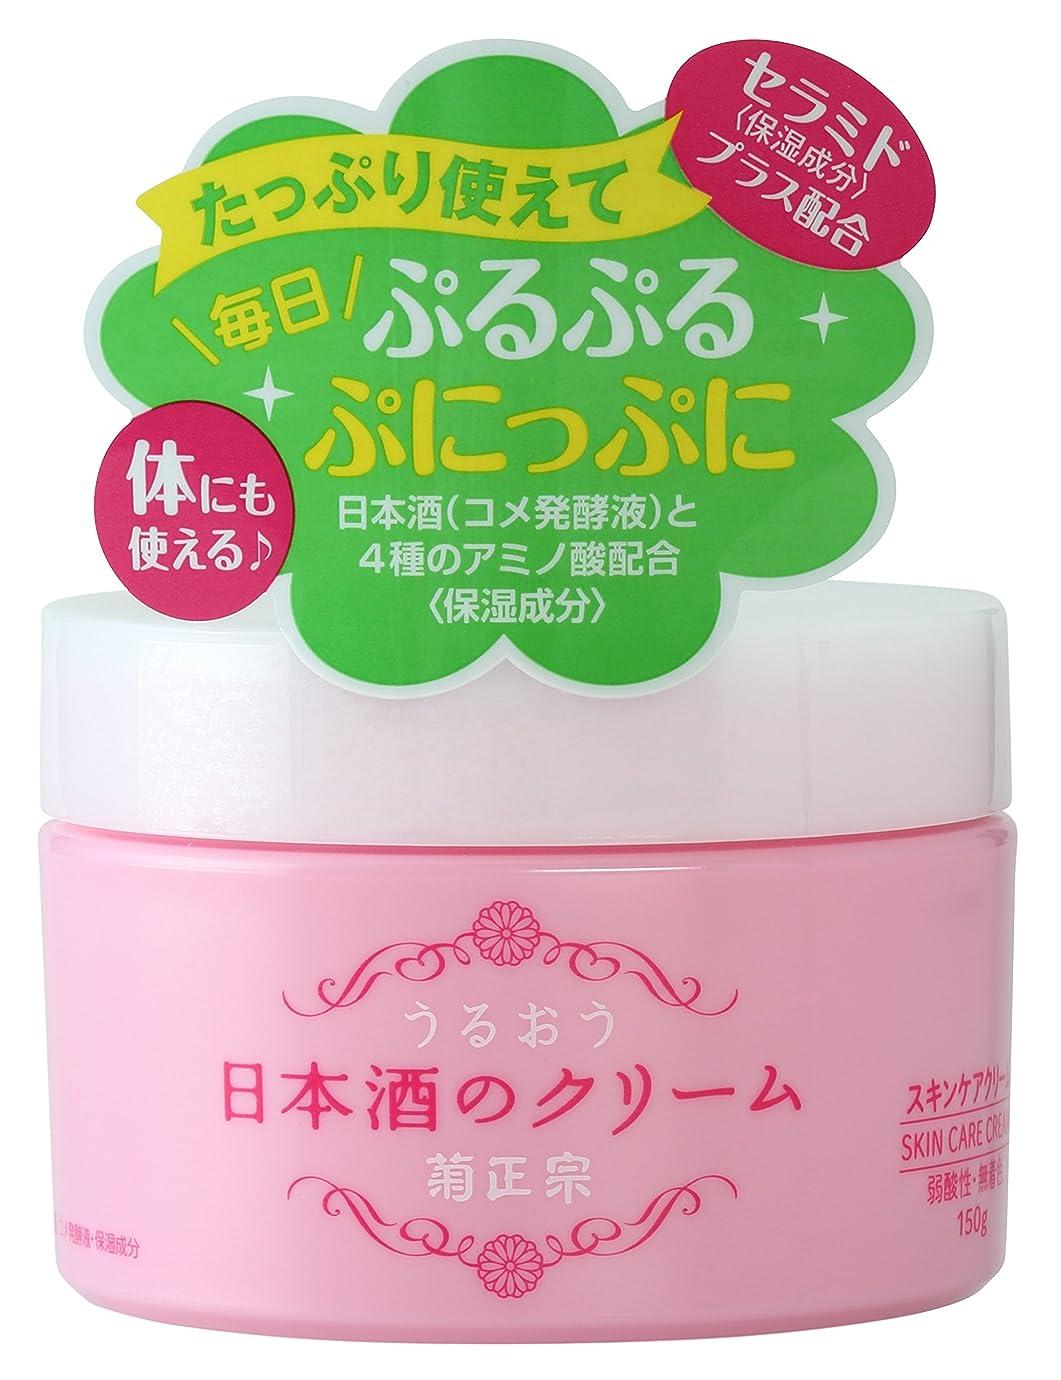 創造不一致ロイヤリティ菊正宗 日本酒のクリーム 150g